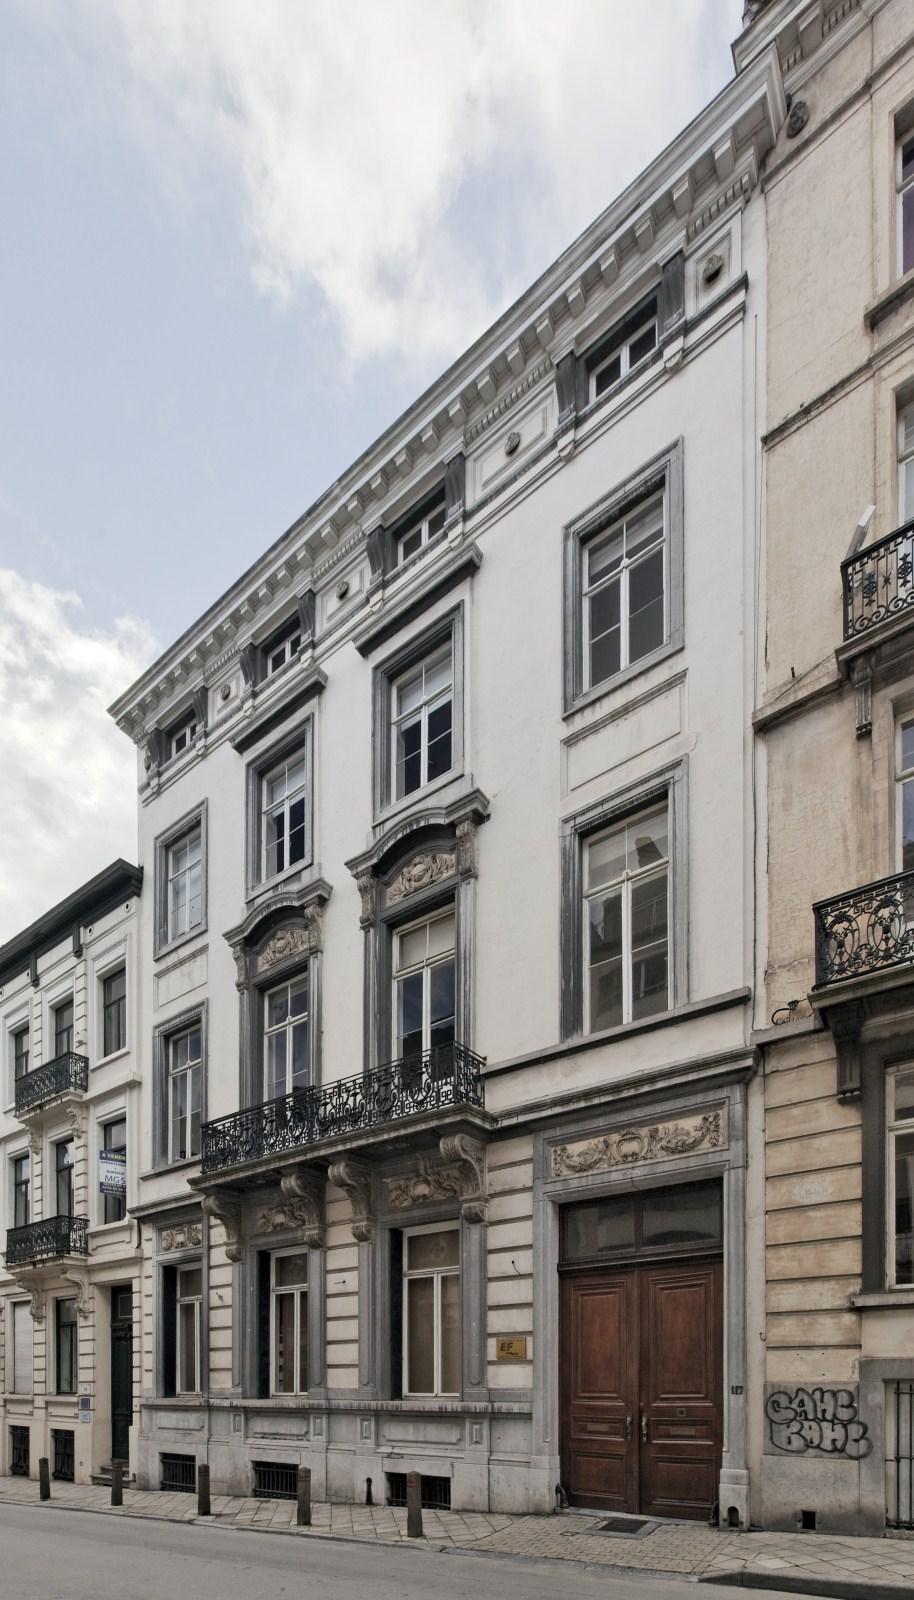 Rue de Stassart 117.© 2009 © bepictures / BRUNETTA V. – EBERLIN M.